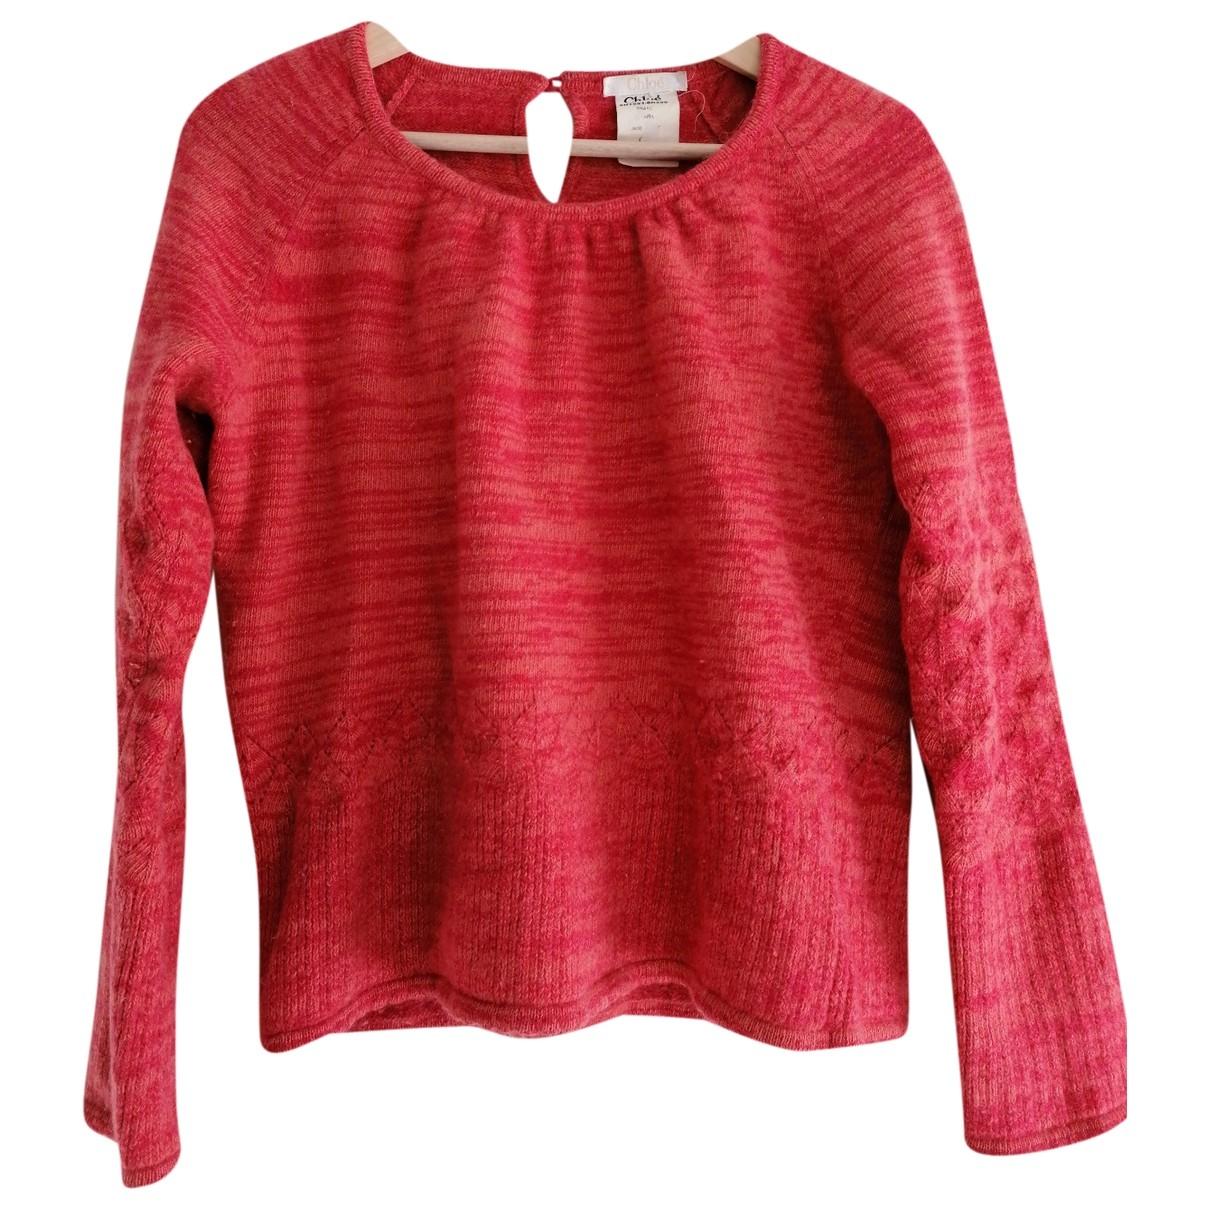 Chloé \N Red Wool Knitwear for Women S International